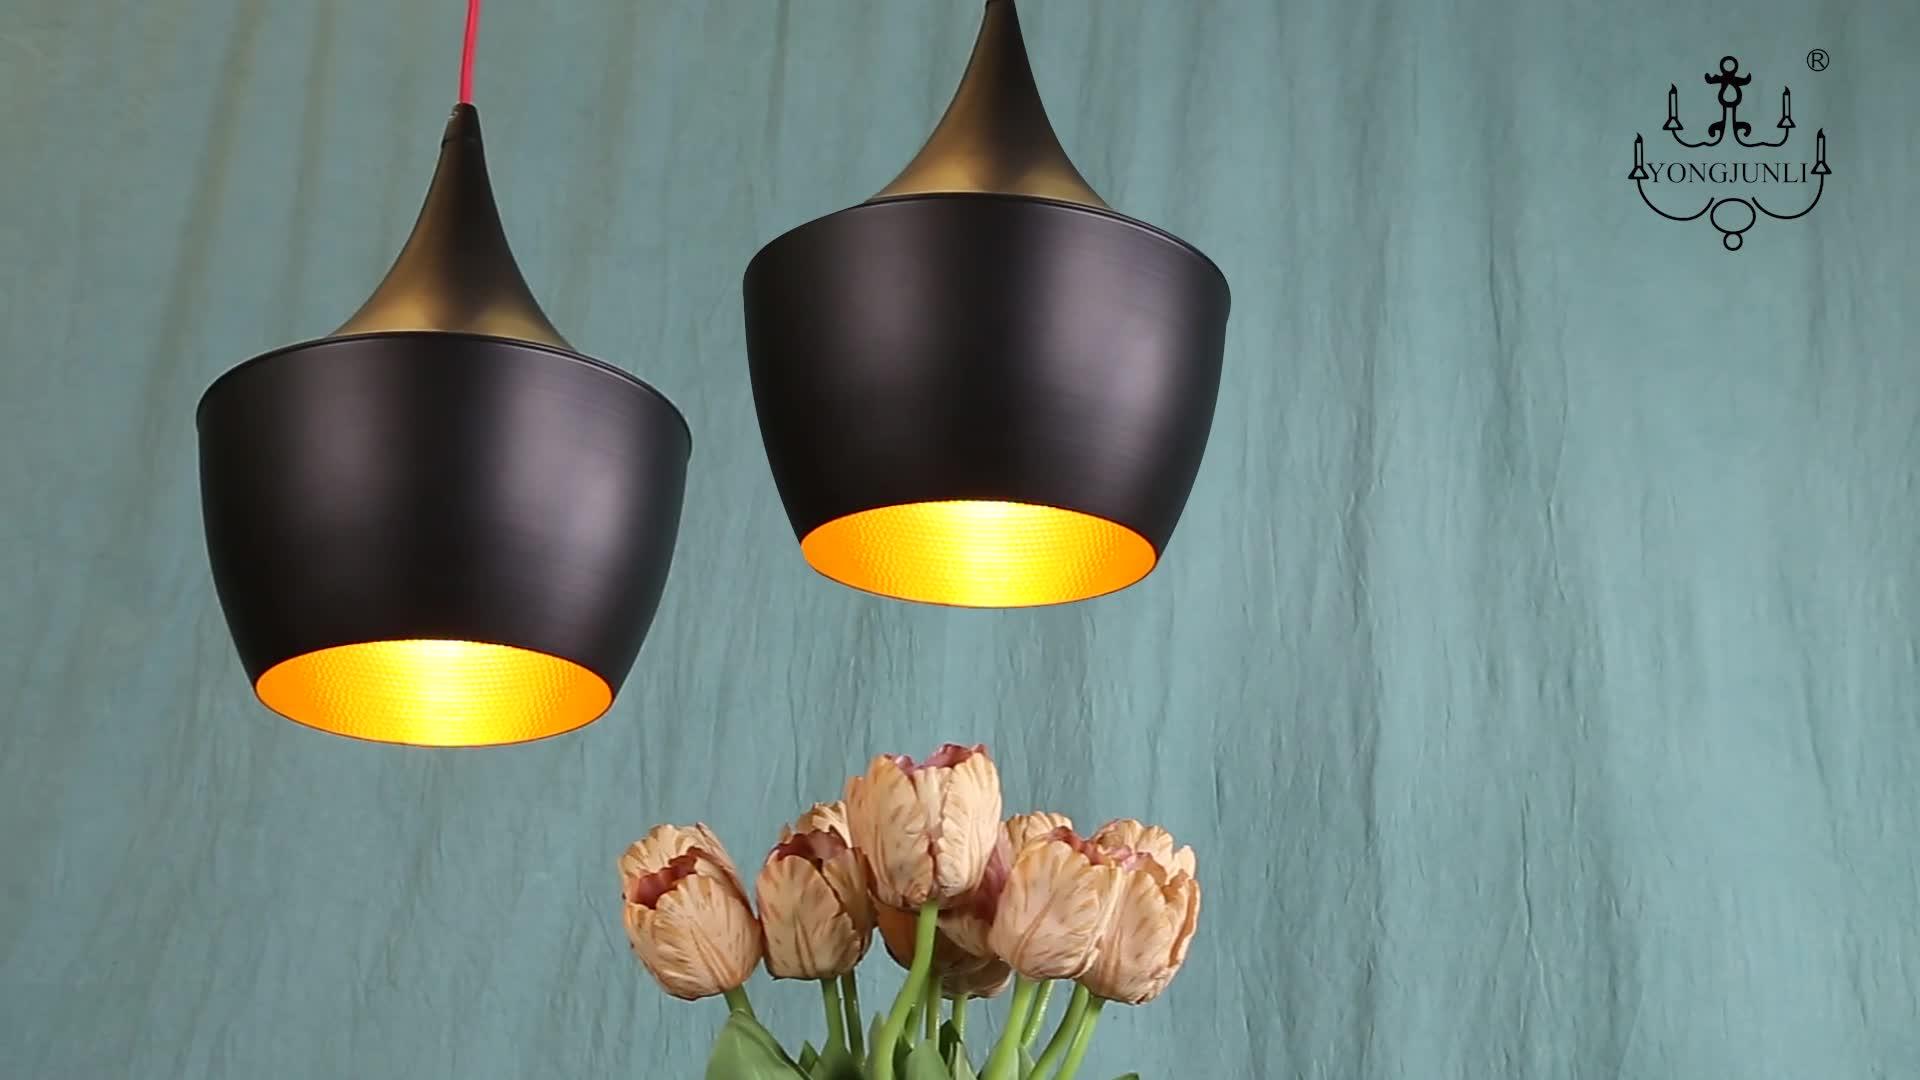 Klassieke moderne enkele unieke vintage opknoping armatuur kroonluchter led hanglamp